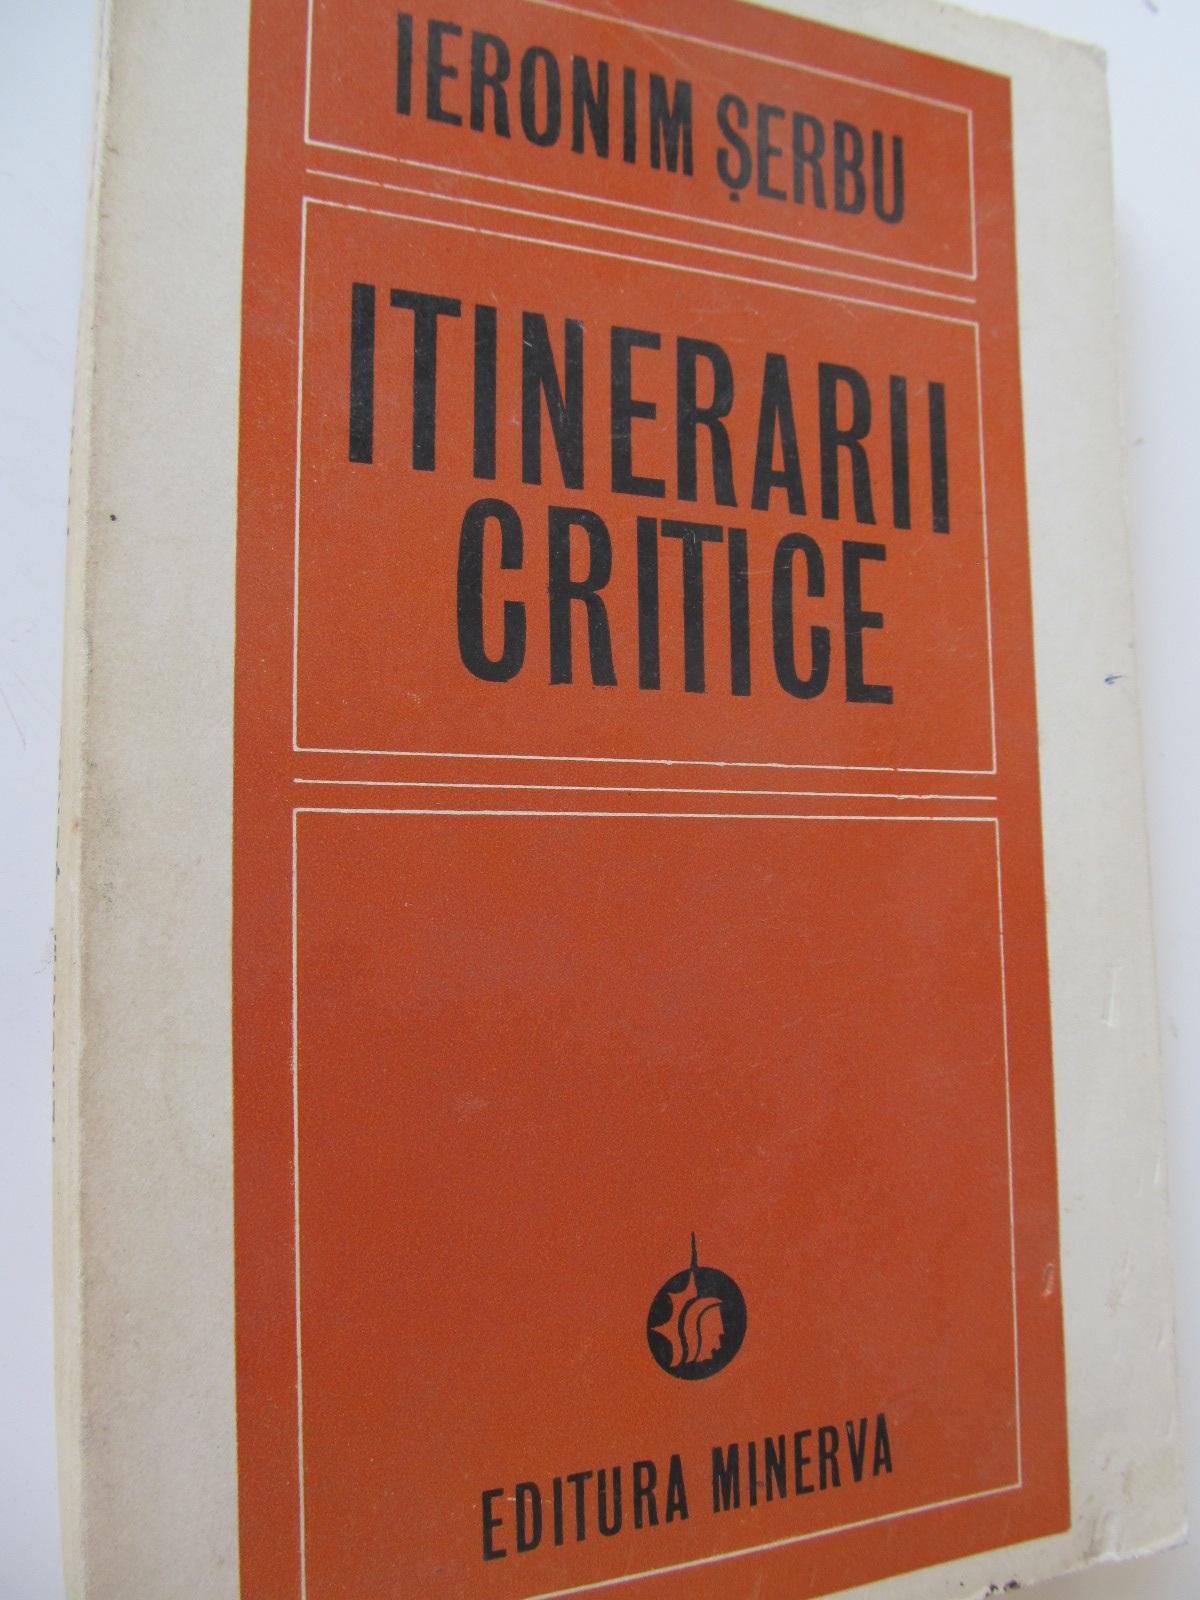 Itinerarii critice - Ieronim Serbu | Detalii carte